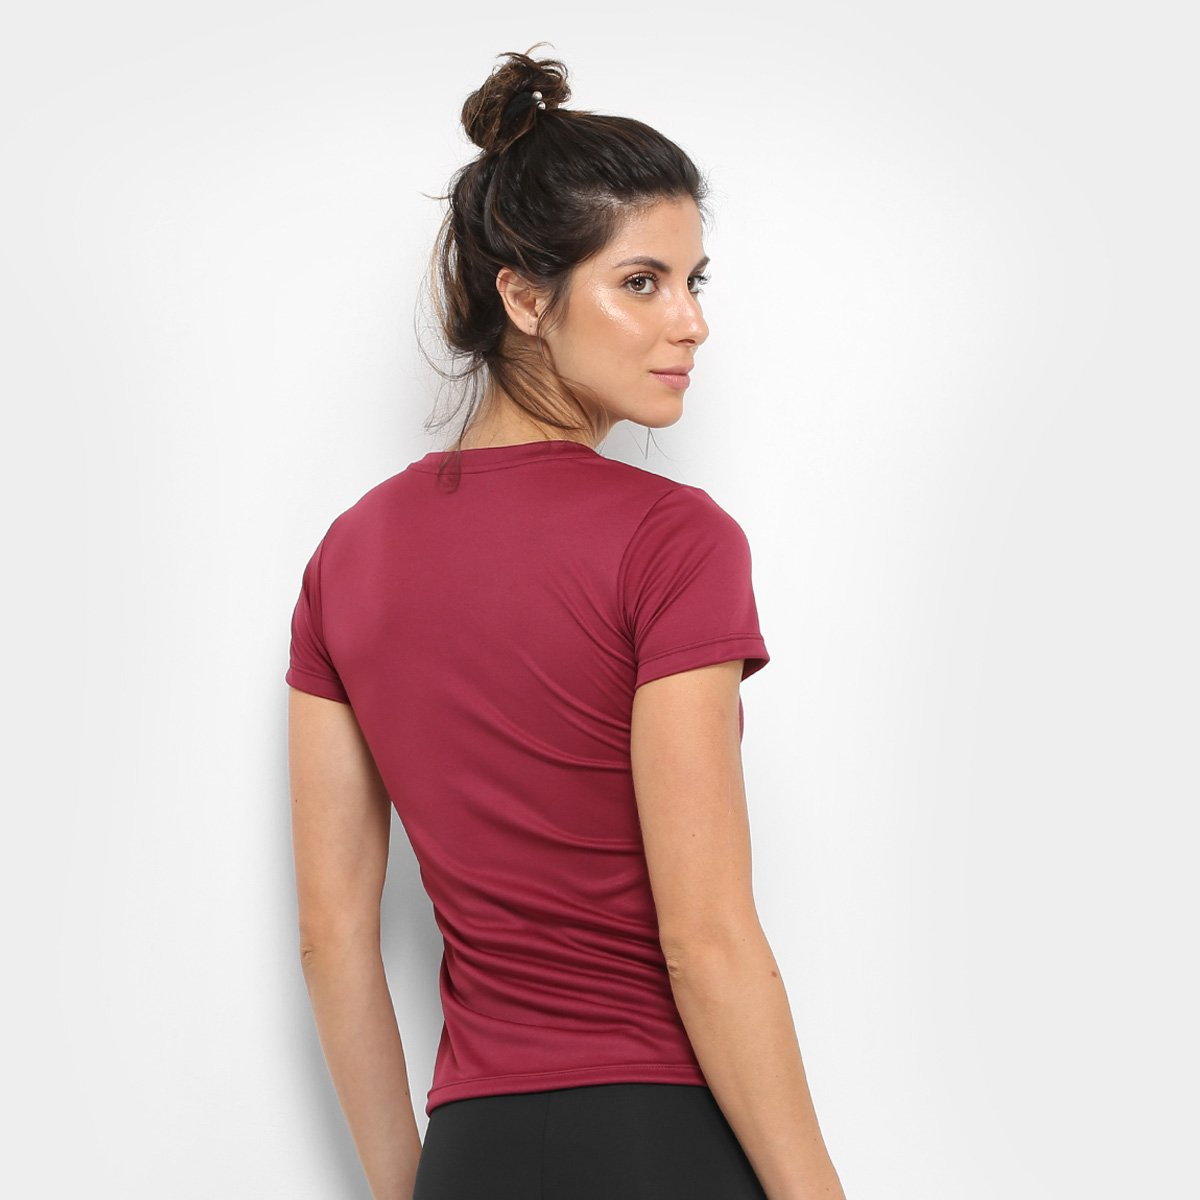 Camiseta GONEW Basic Bordô Feminina Lola Camiseta GONEW Prdxaqrw